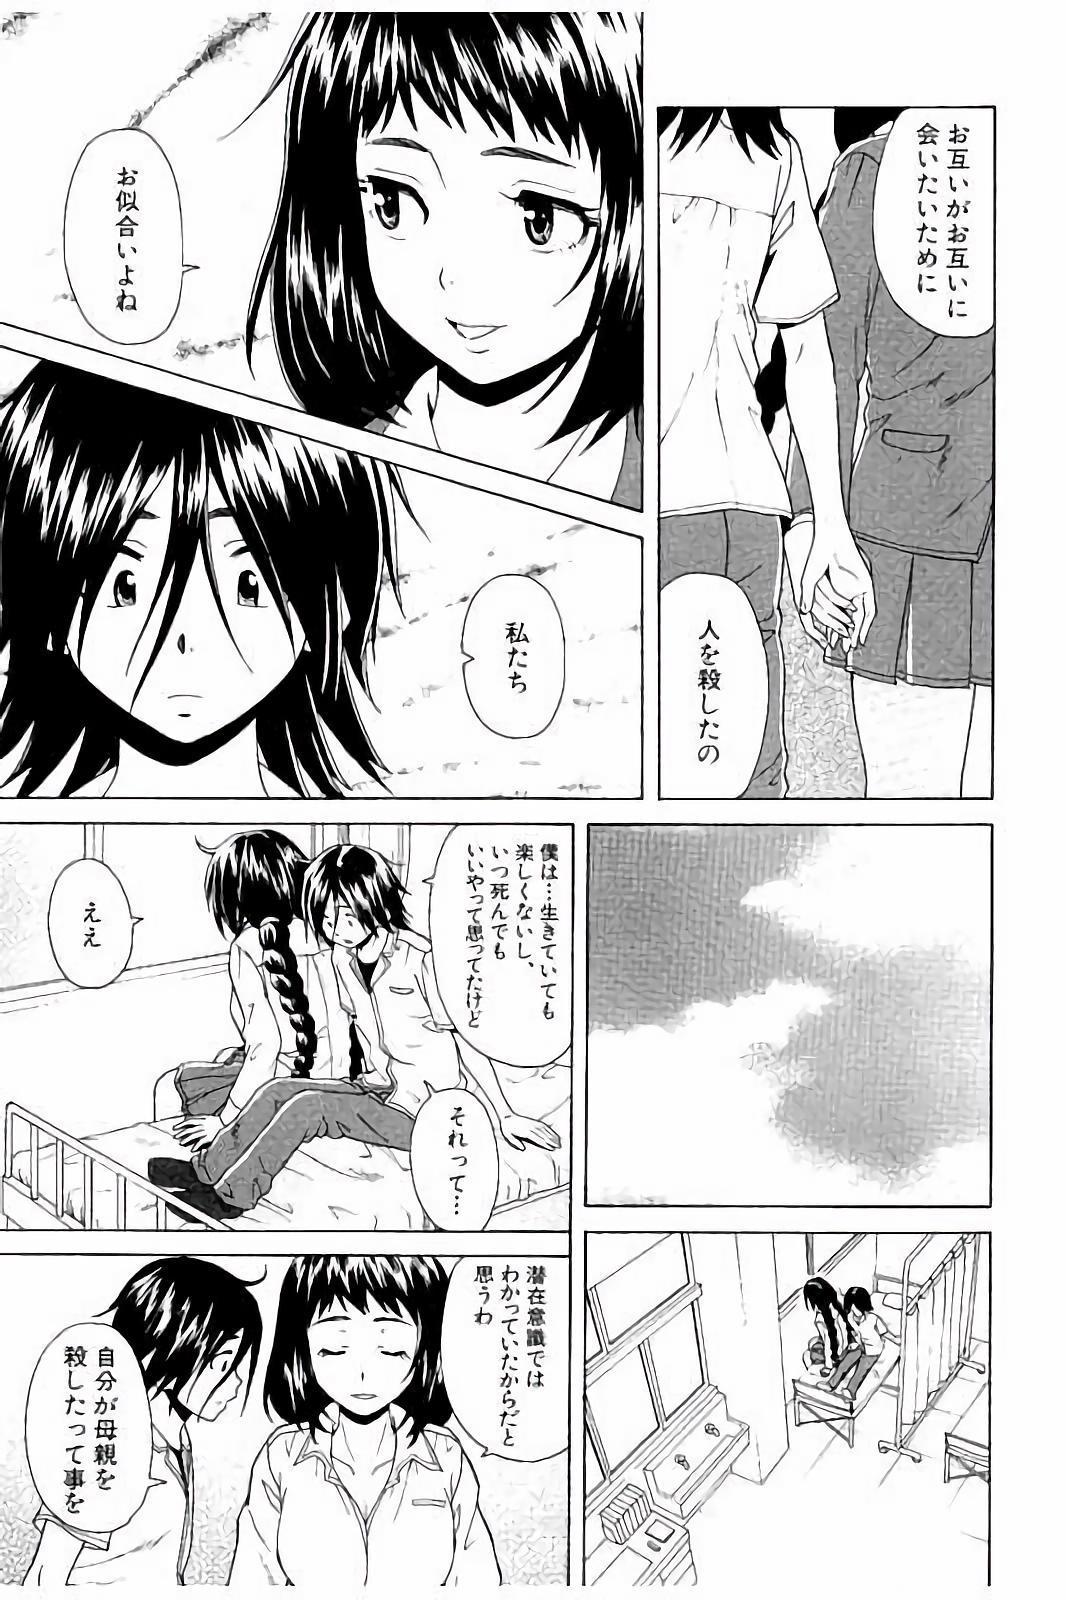 Ane no Himitsu To Boku no Jisatsu 134